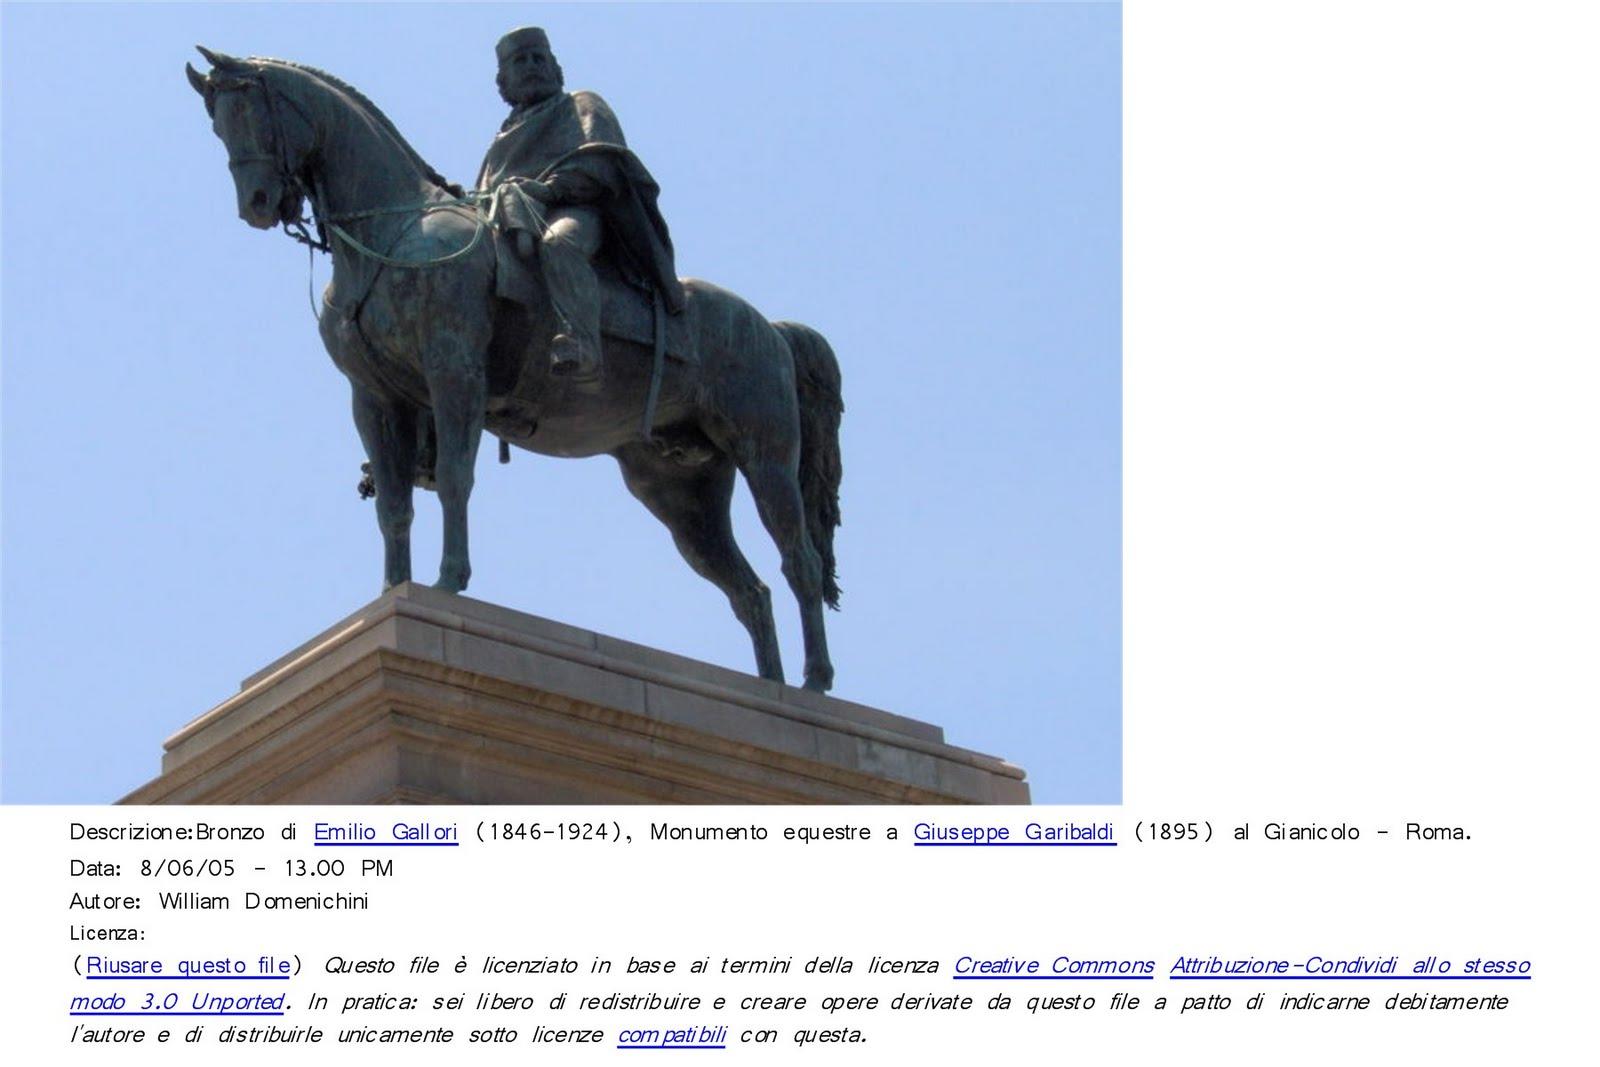 http://4.bp.blogspot.com/_hYAXsXzQHLc/S_FVJYizMLI/AAAAAAAAADM/LQUrQYuPhQU/s1600/Garibaldi+sul+Gianicolo+con+licenza.jpg